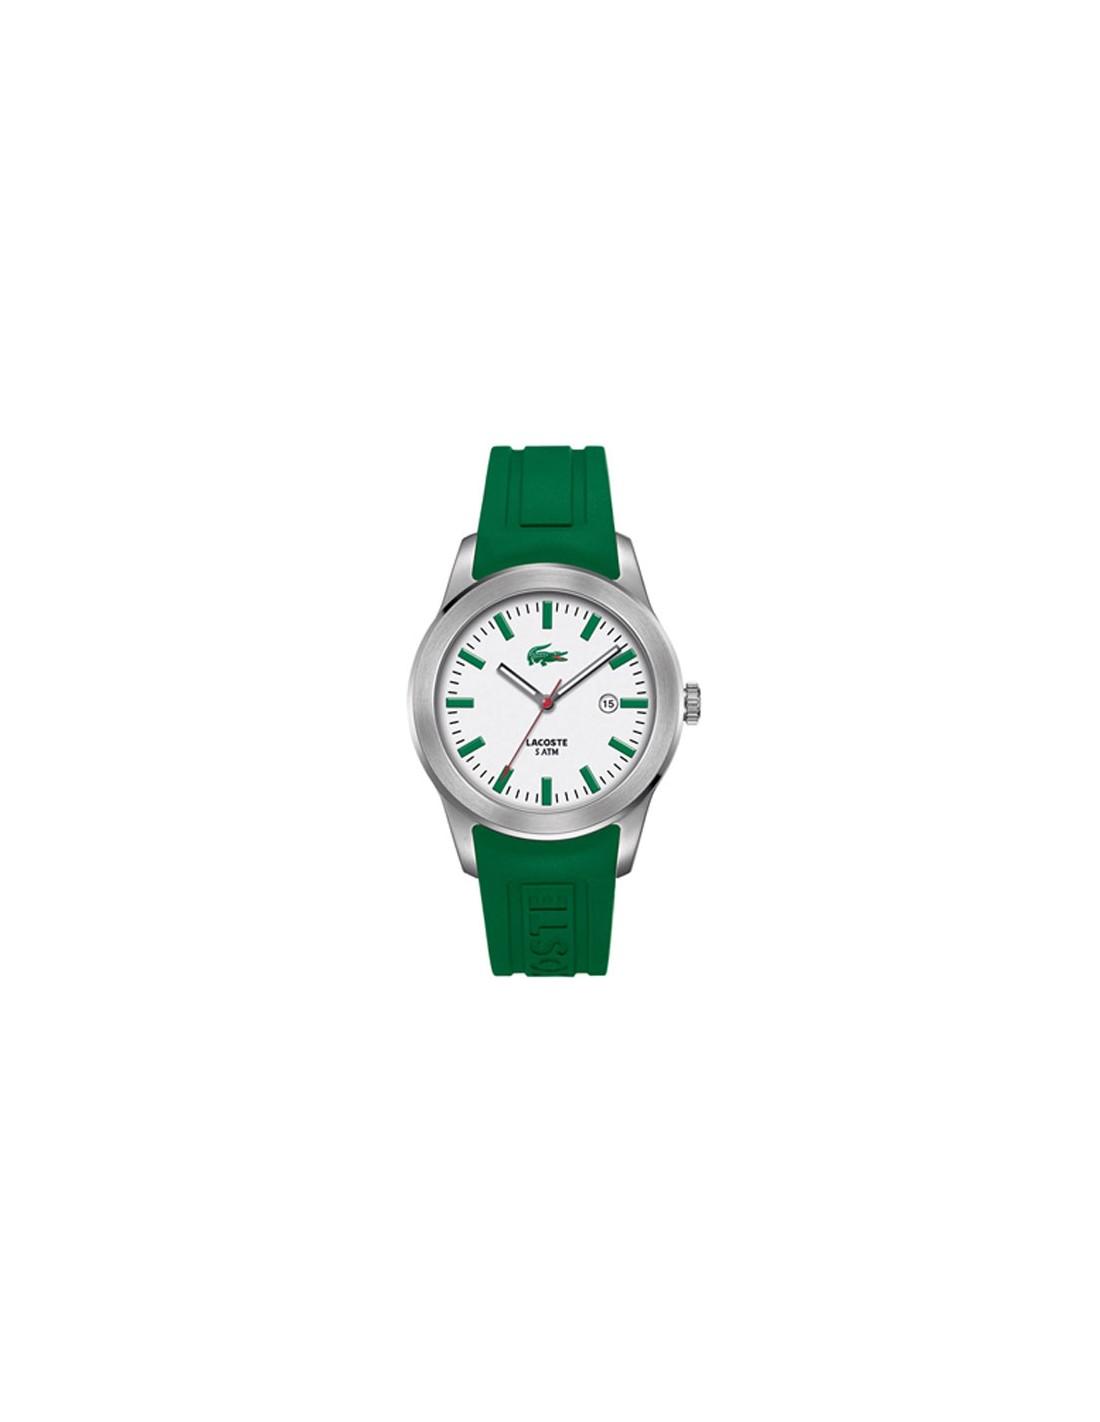 53432ab01e8 Reloj Lacoste 2010412 - Relojes Lacoste